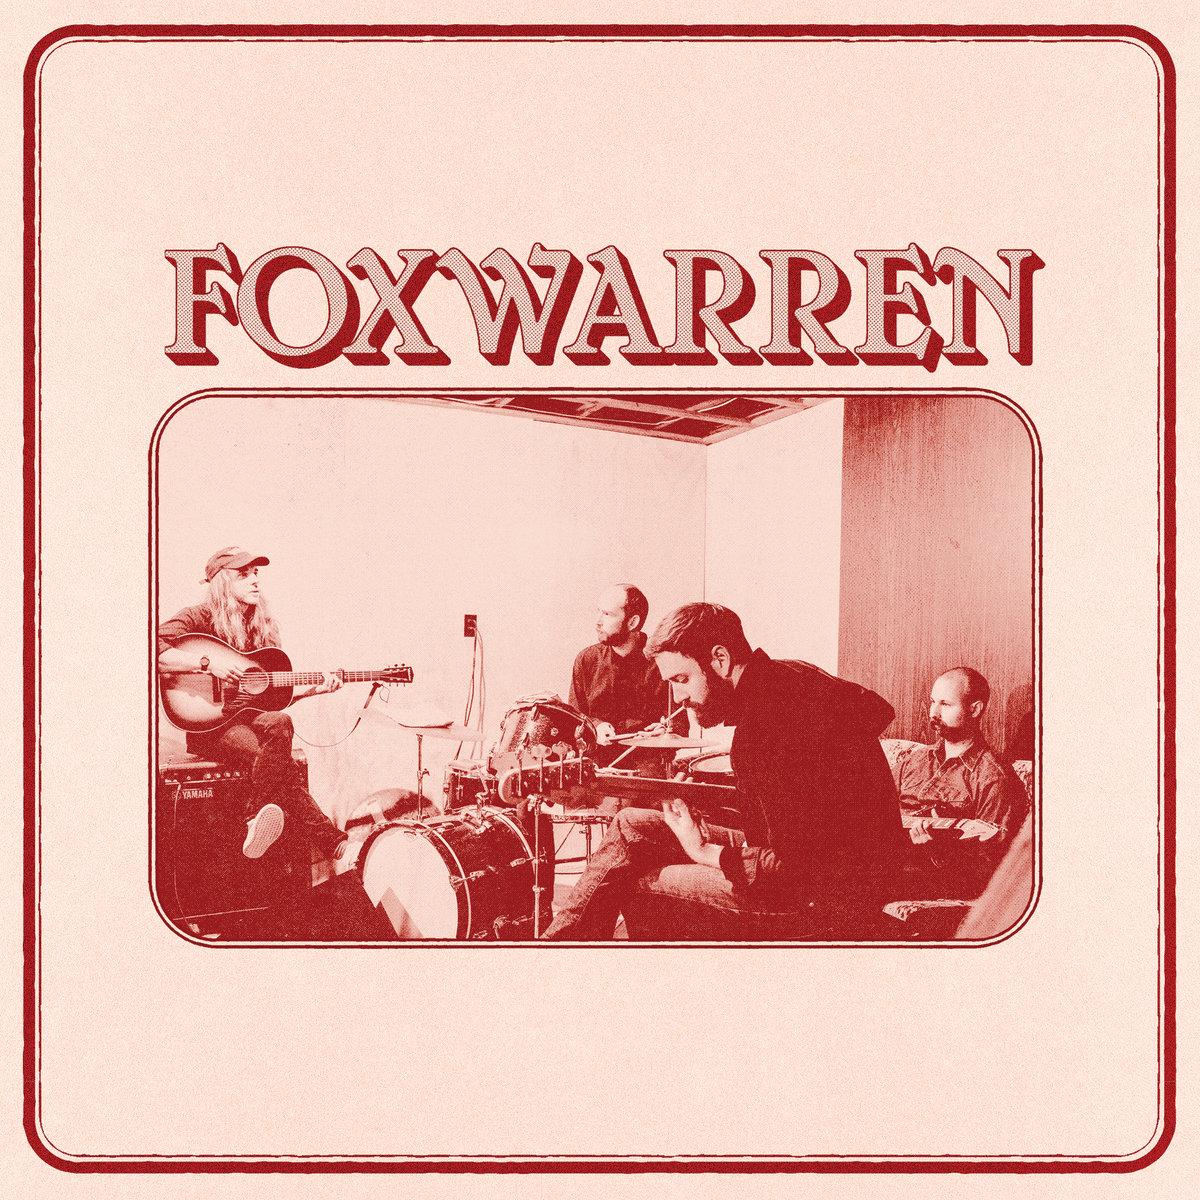 ¿Qué estáis escuchando ahora? - Página 12 Foxwarren